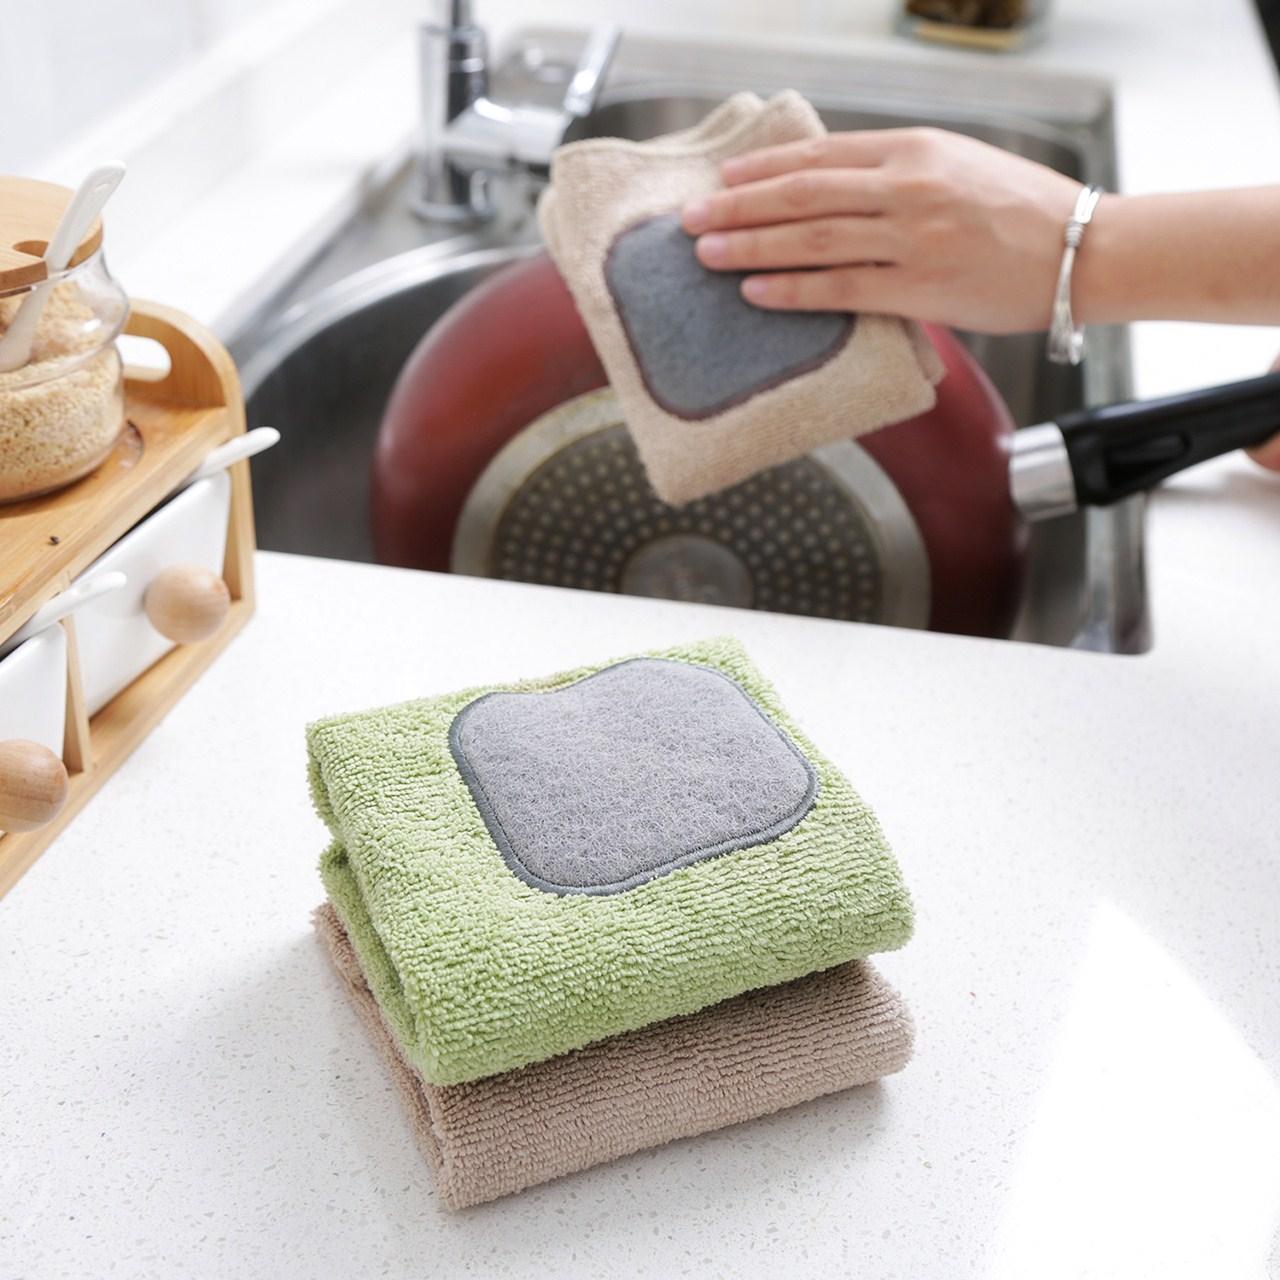 洗碗吸水布清洁擦布巾家用毛巾家务加厚不掉毛沾油多功能厨房抹布